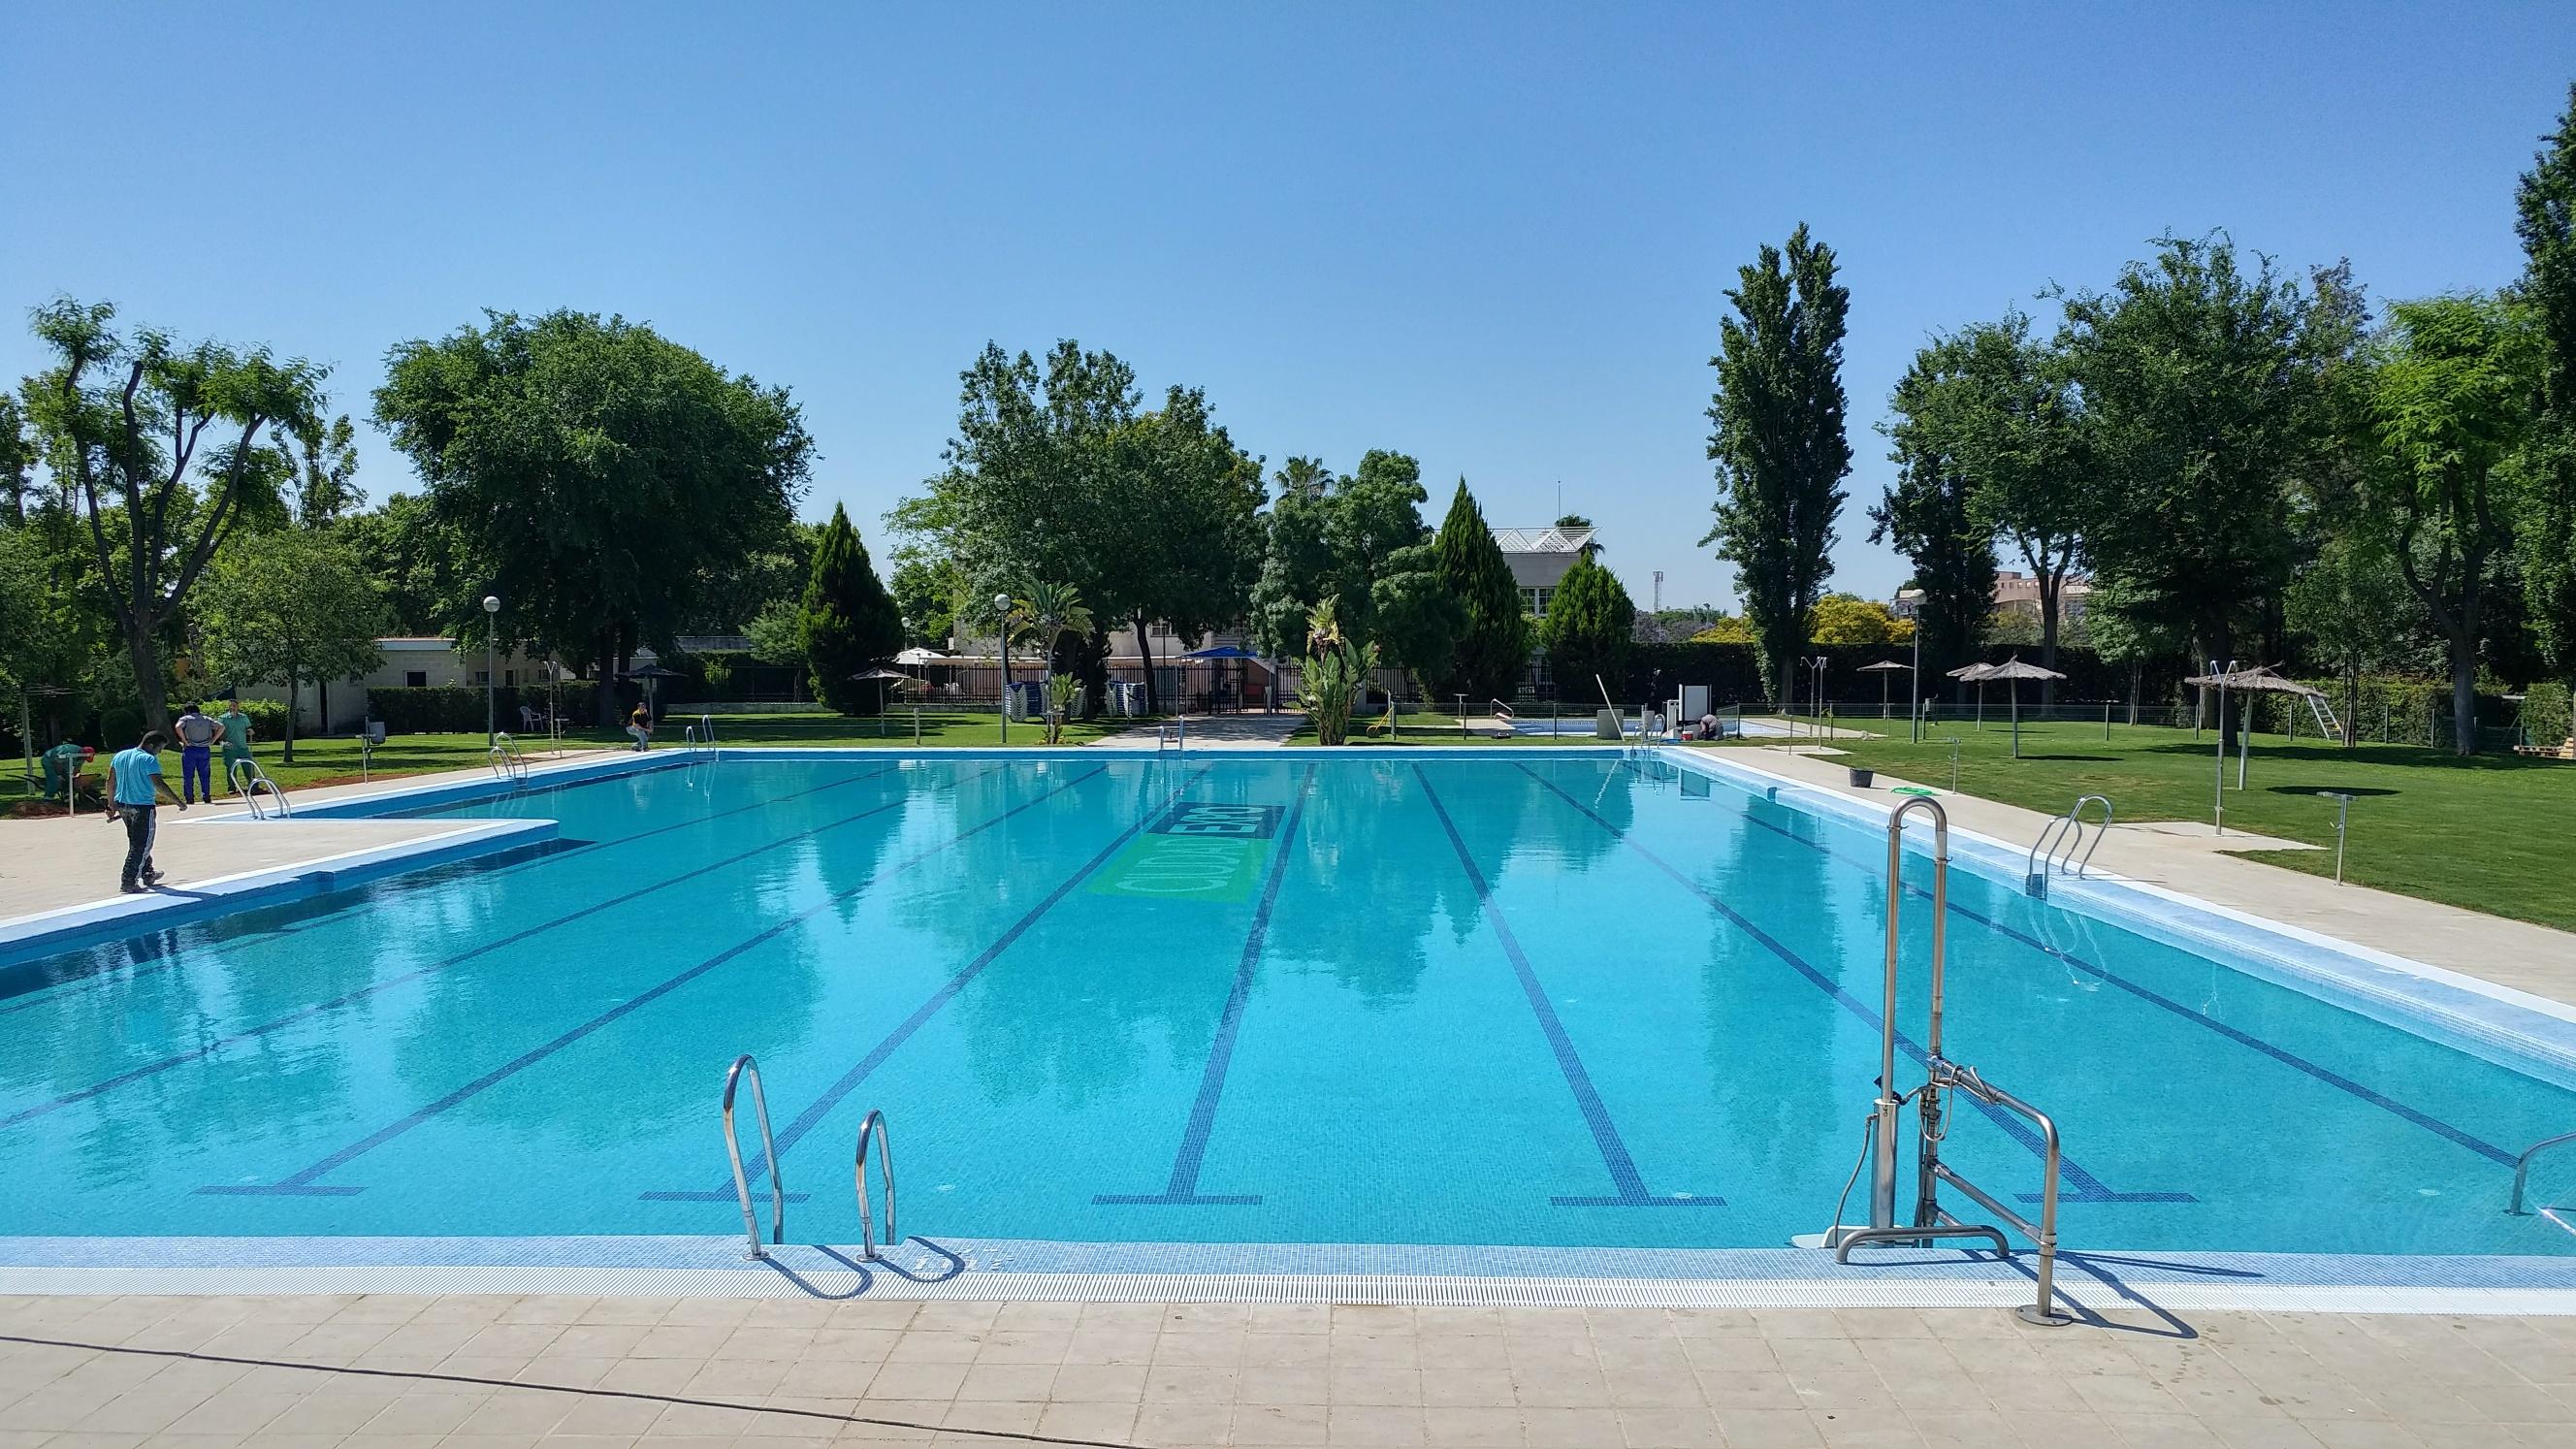 El lunes 22 de junio comienza la temporada de piscina 2020 del club Social.